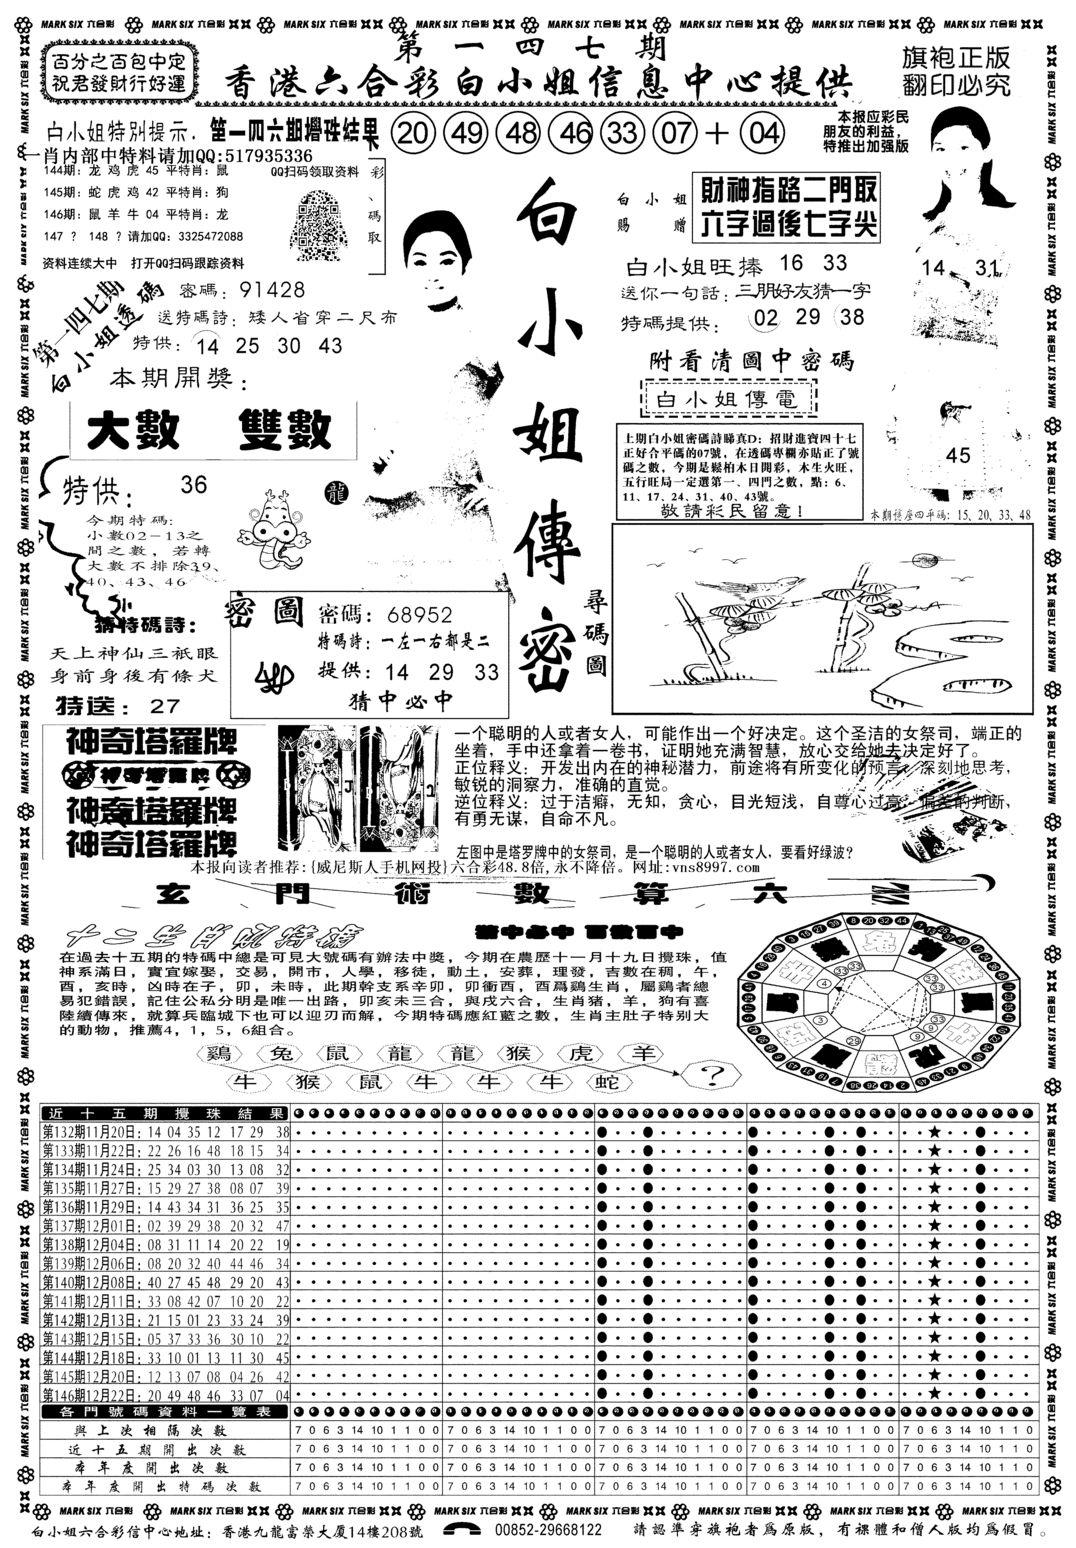 82625737_玄机彩图【曾道人玄机-1/曾道人